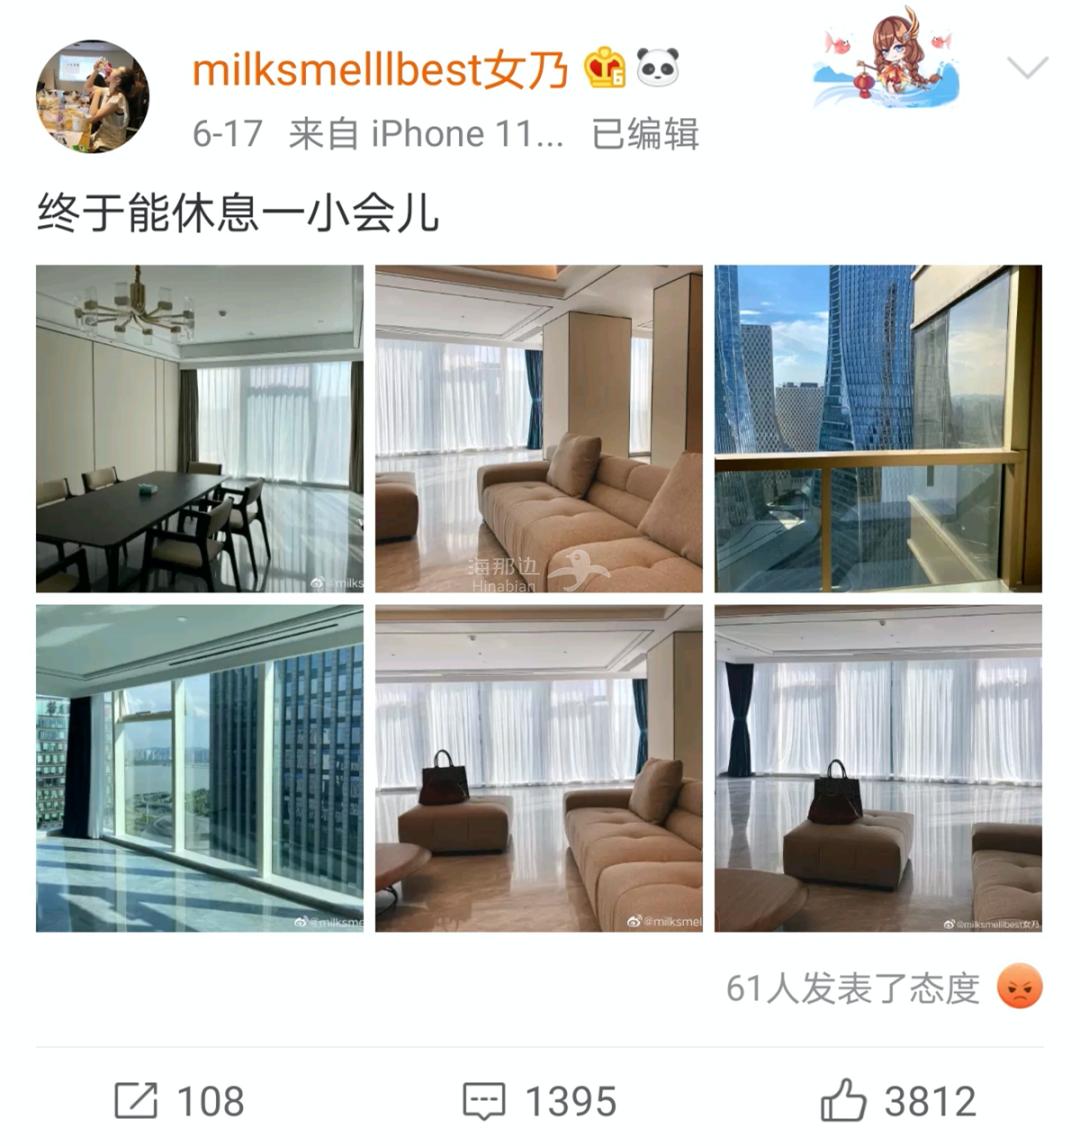 被天猫总裁夫人手撕后,张大奕云淡风轻晒出了杭州豪宅…